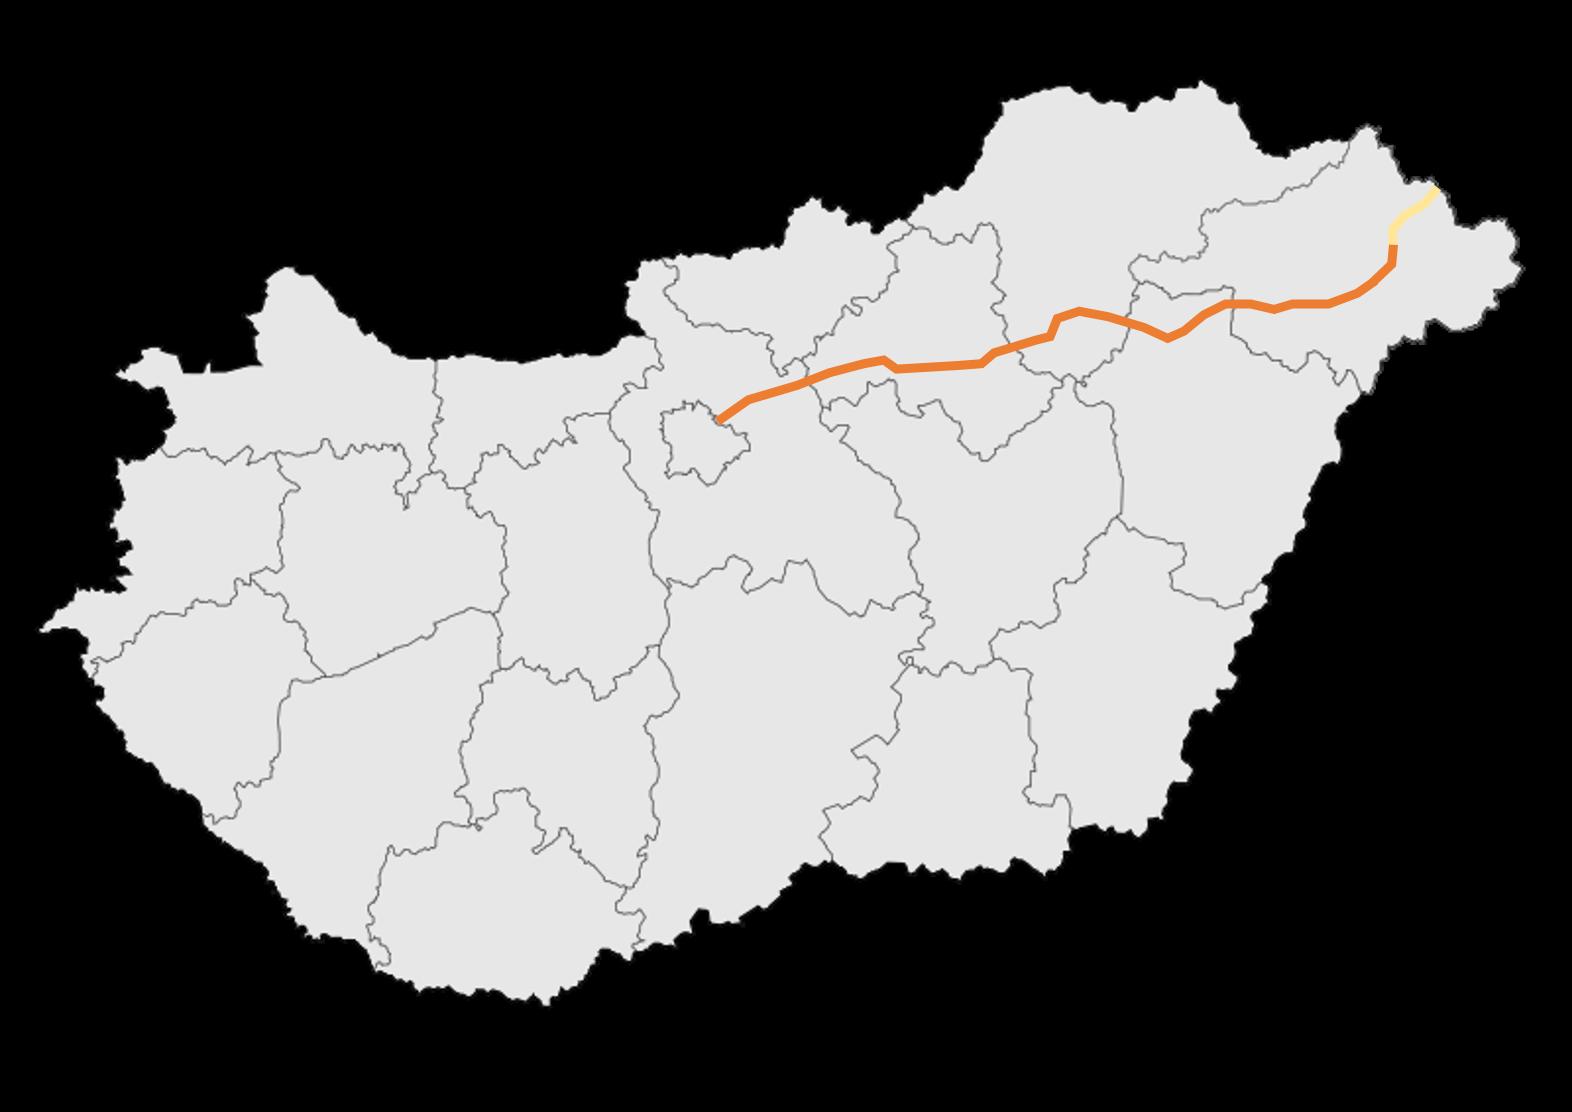 autópálya térkép File:M3 autópálya   térkép.png   Wikimedia Commons autópálya térkép